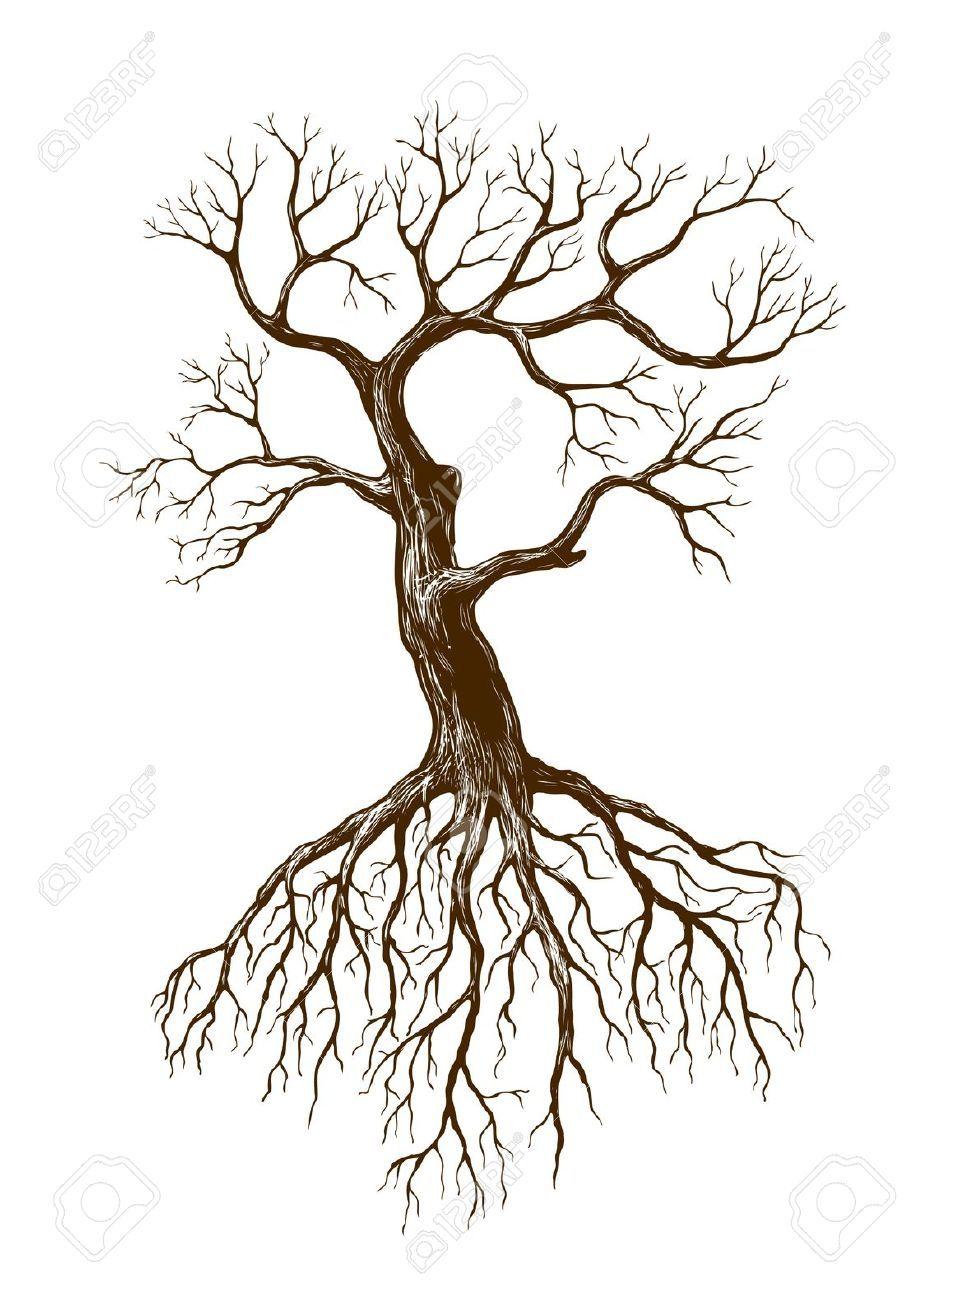 Illustration de gros arbre sans feuilles 35 botanica - Dessin arbre sans feuille ...